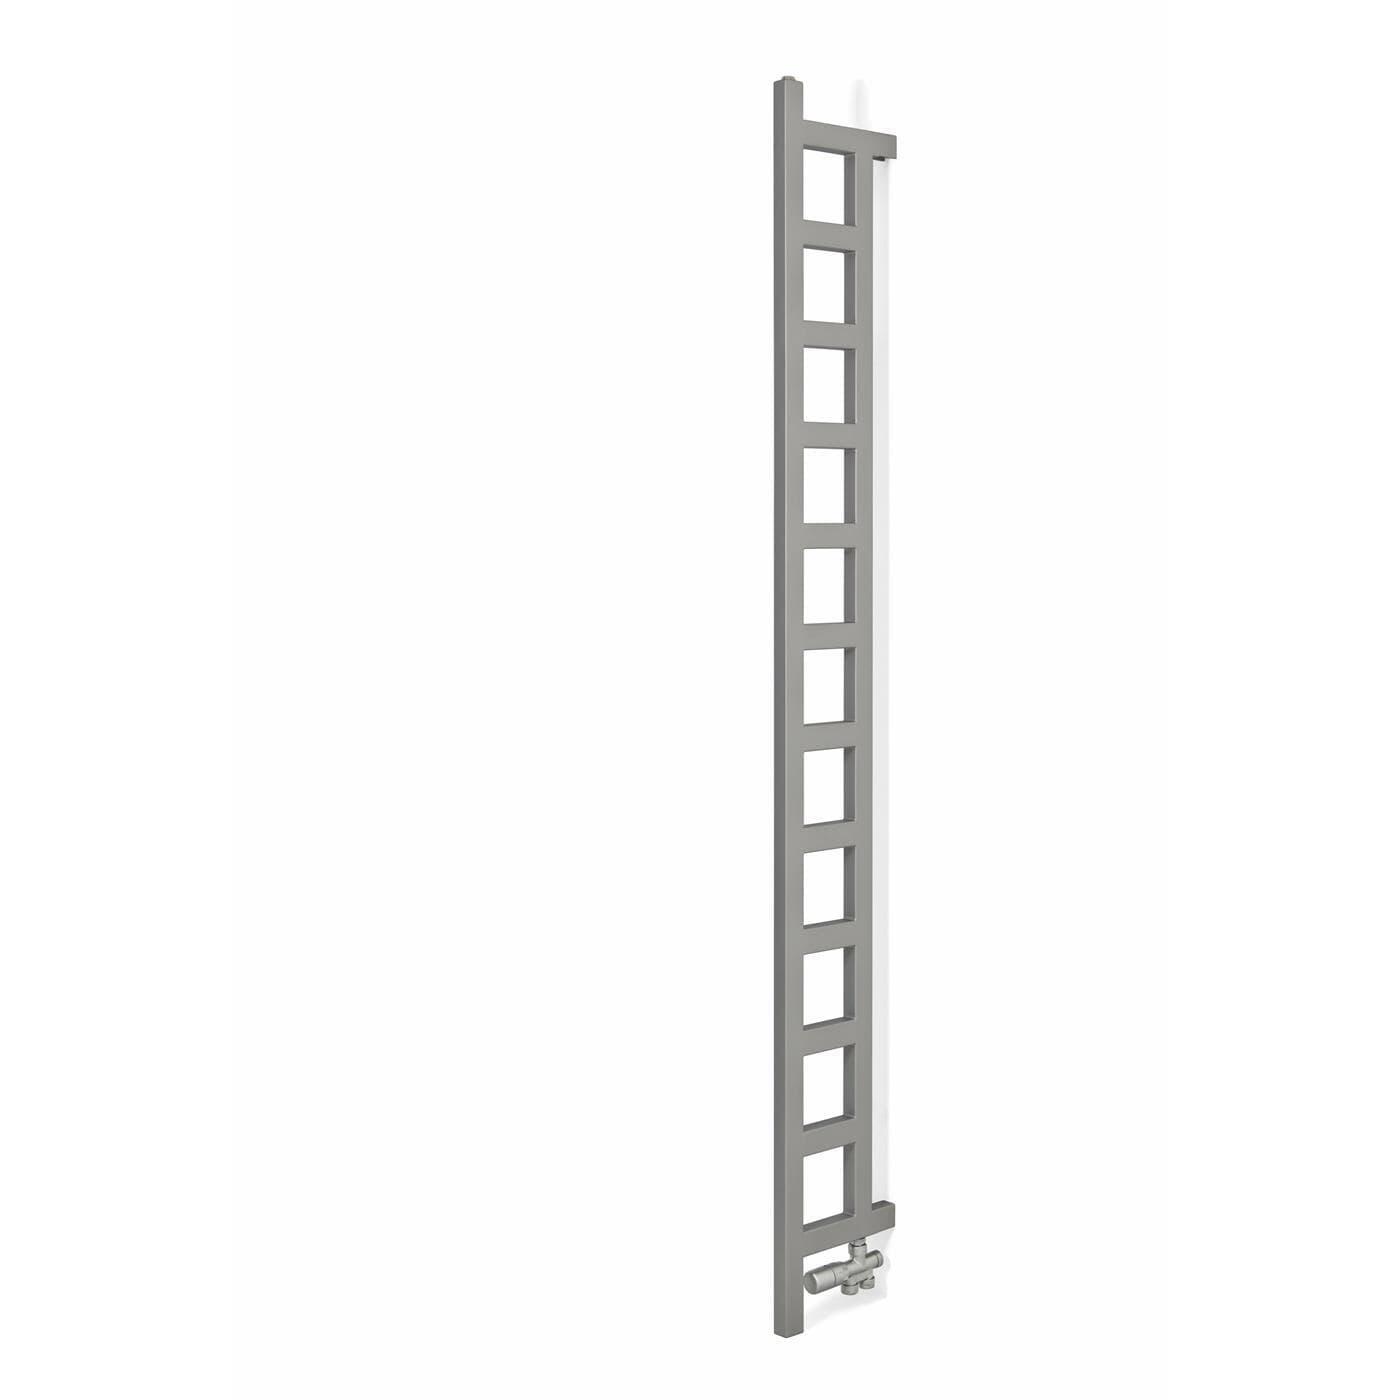 Raumteiler Bauhöhe 1660mm